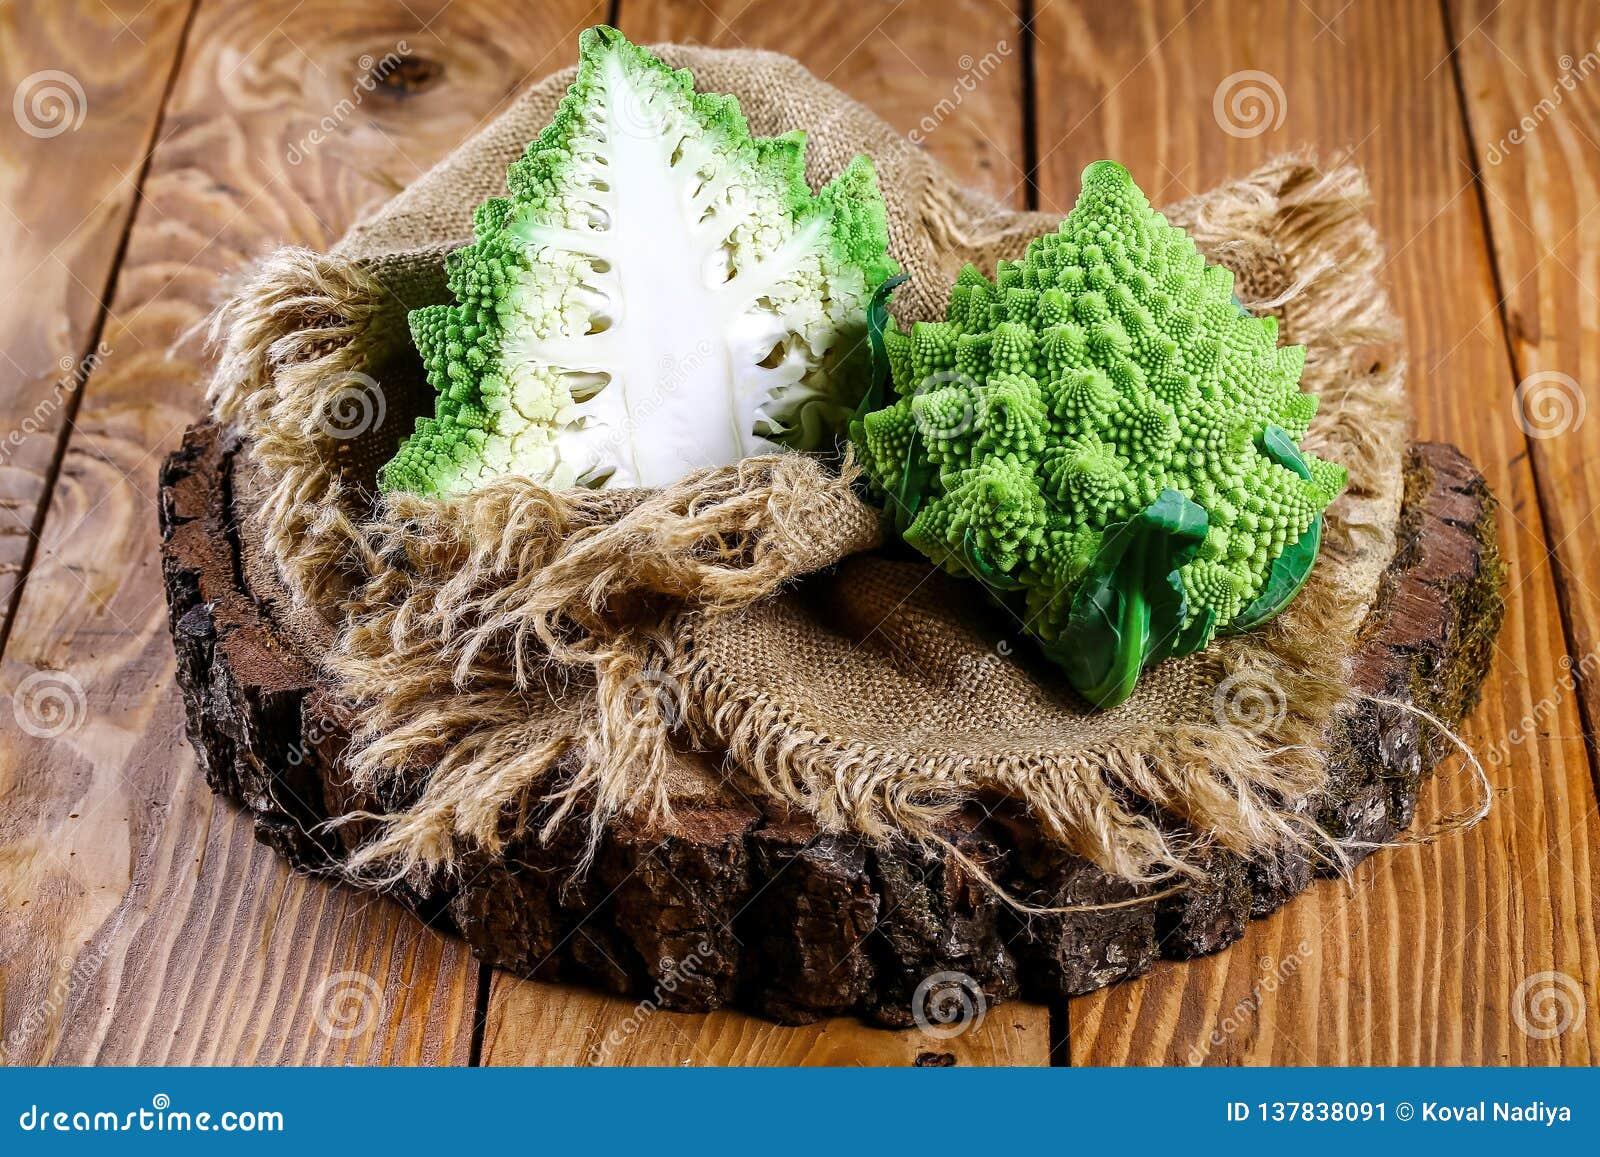 Fine del broccolo di Romanesco in su La verdura di frattale è conosciuta per è il collegamento alla sequenza di Fibonacci